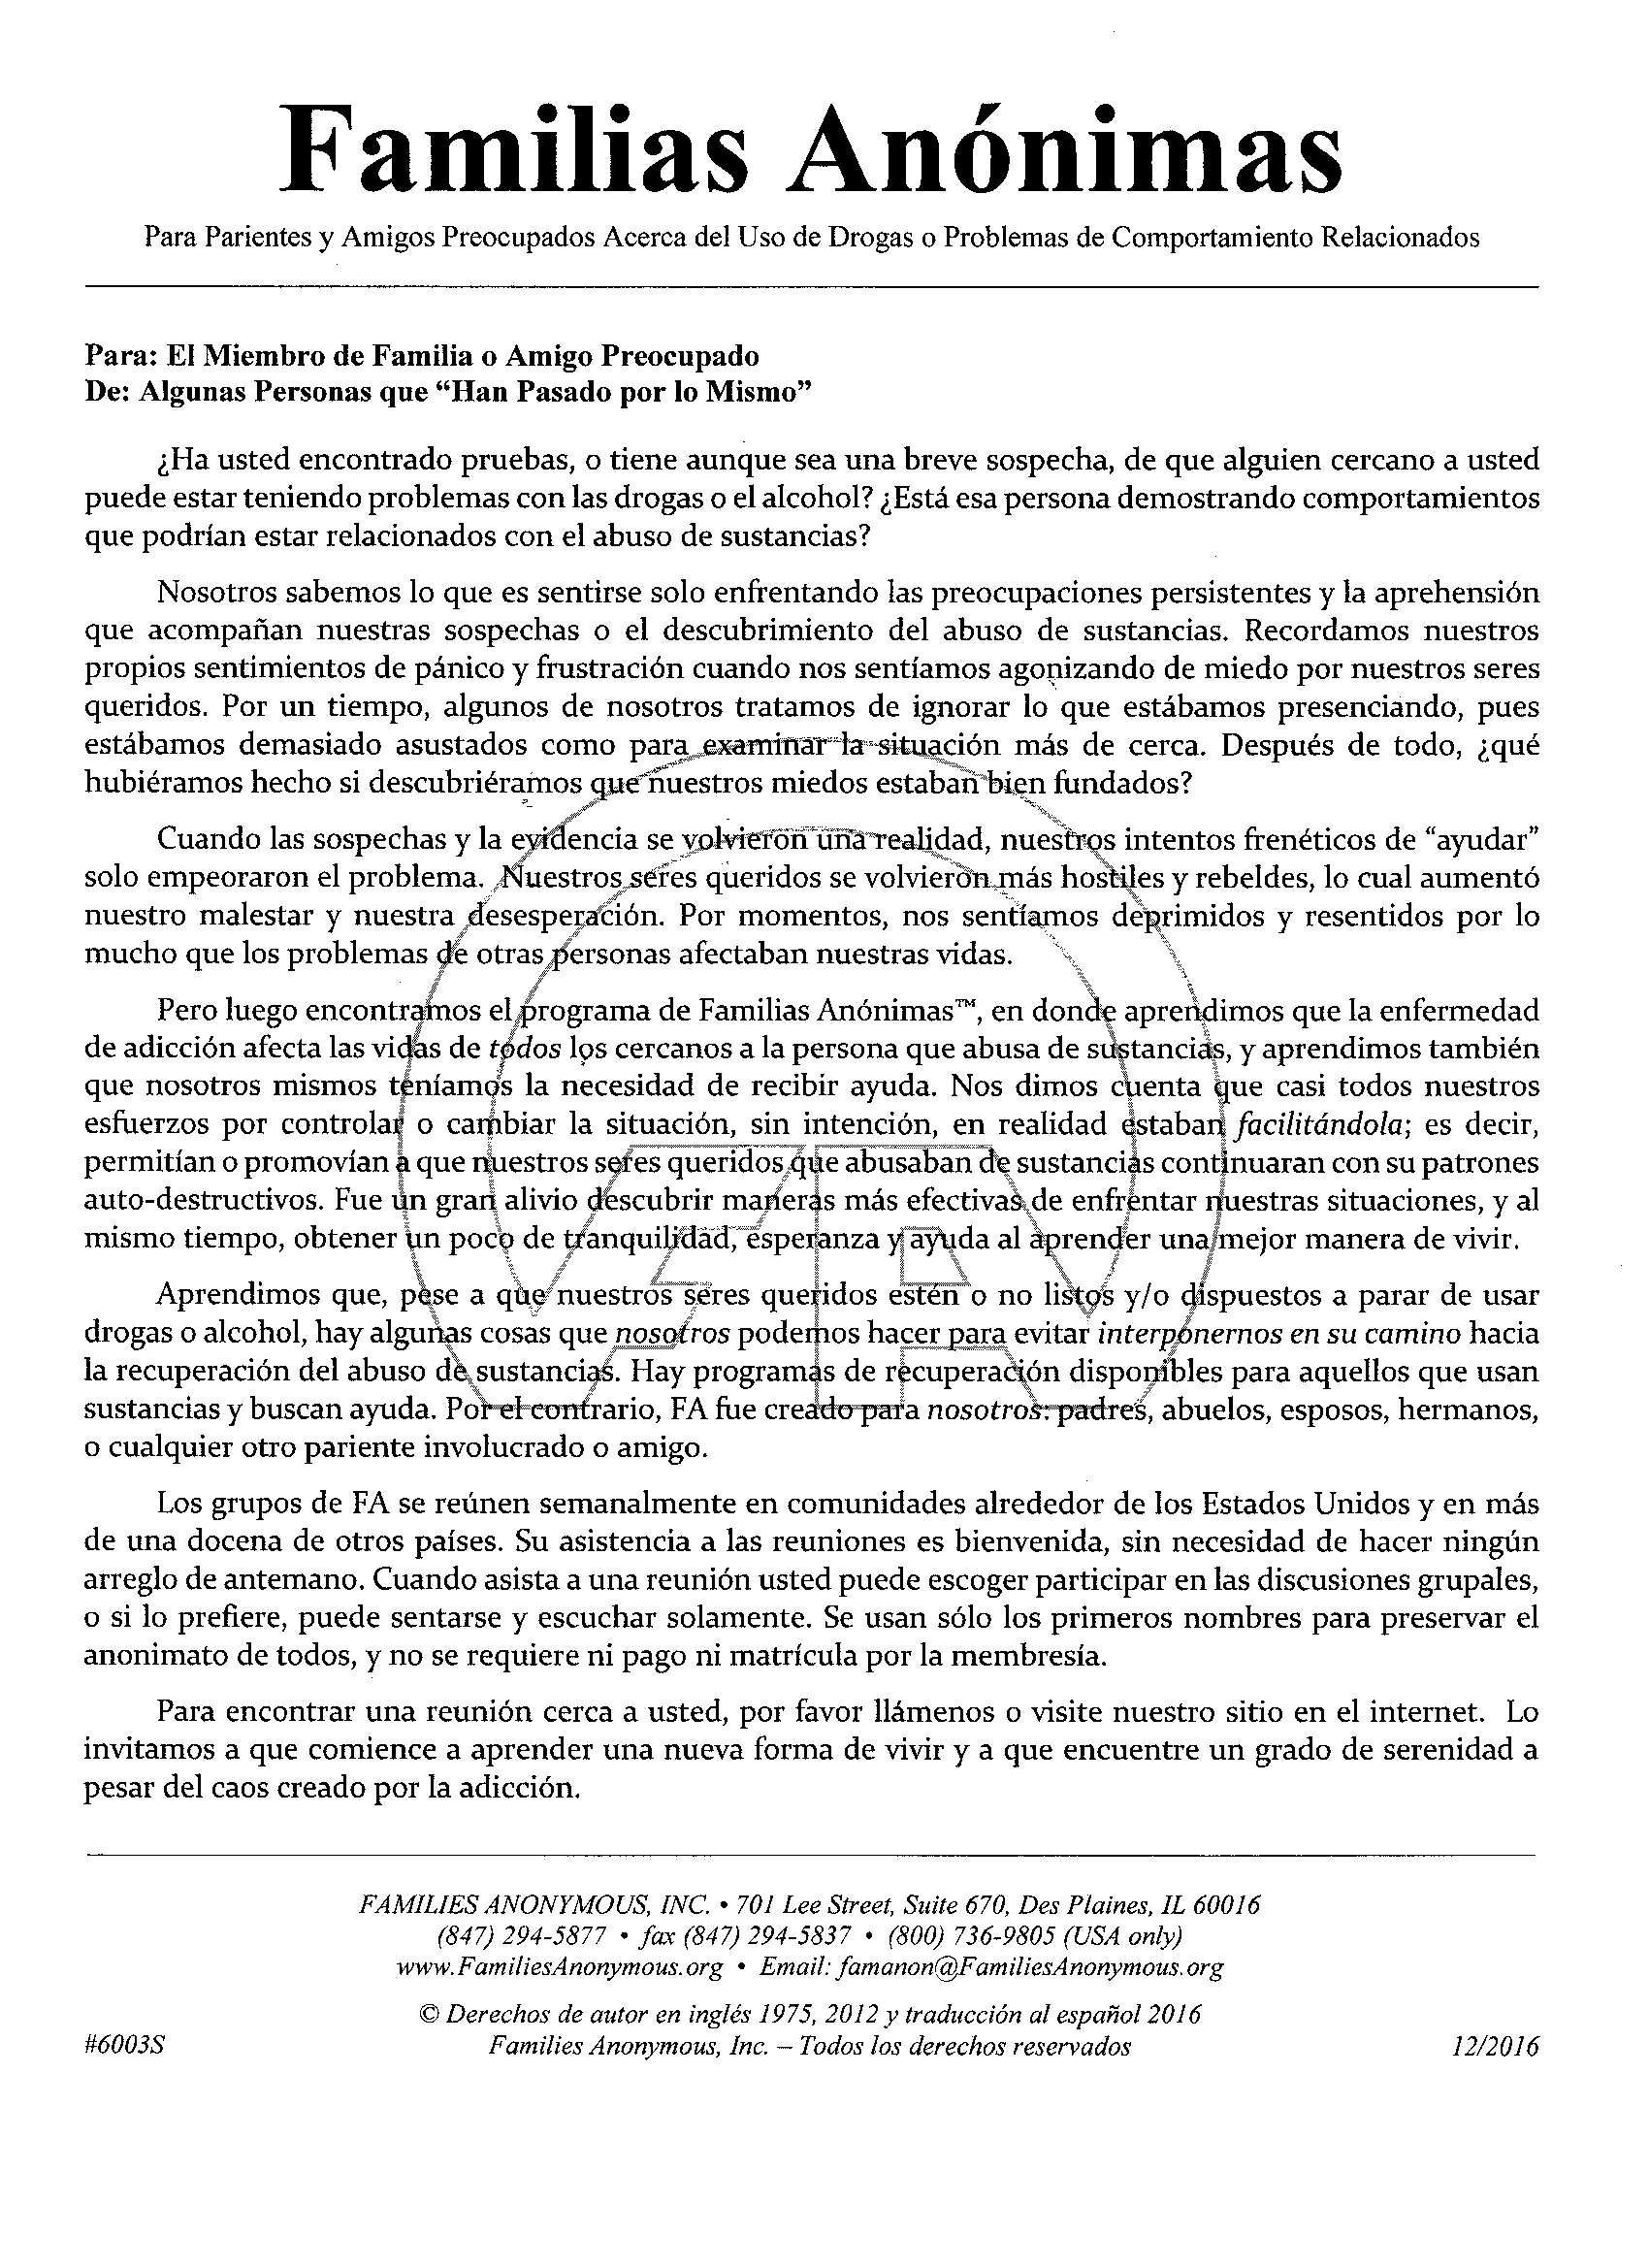 #6003S Carta para el miembro de familia o amigo preocupado